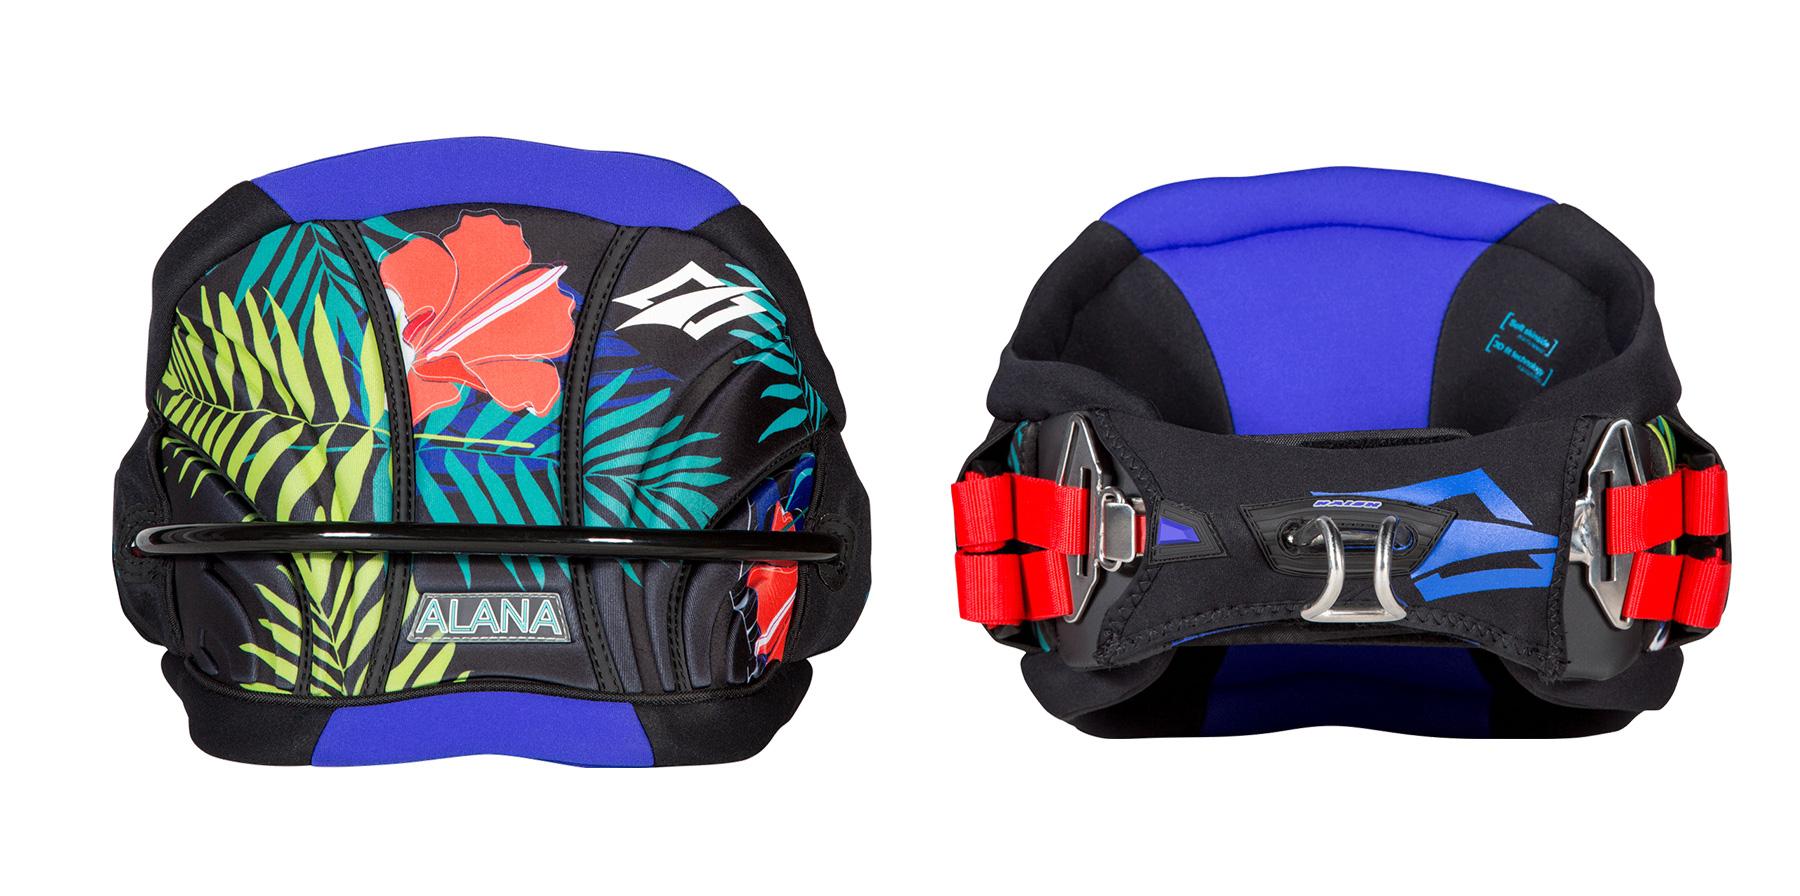 nais-alana-harness